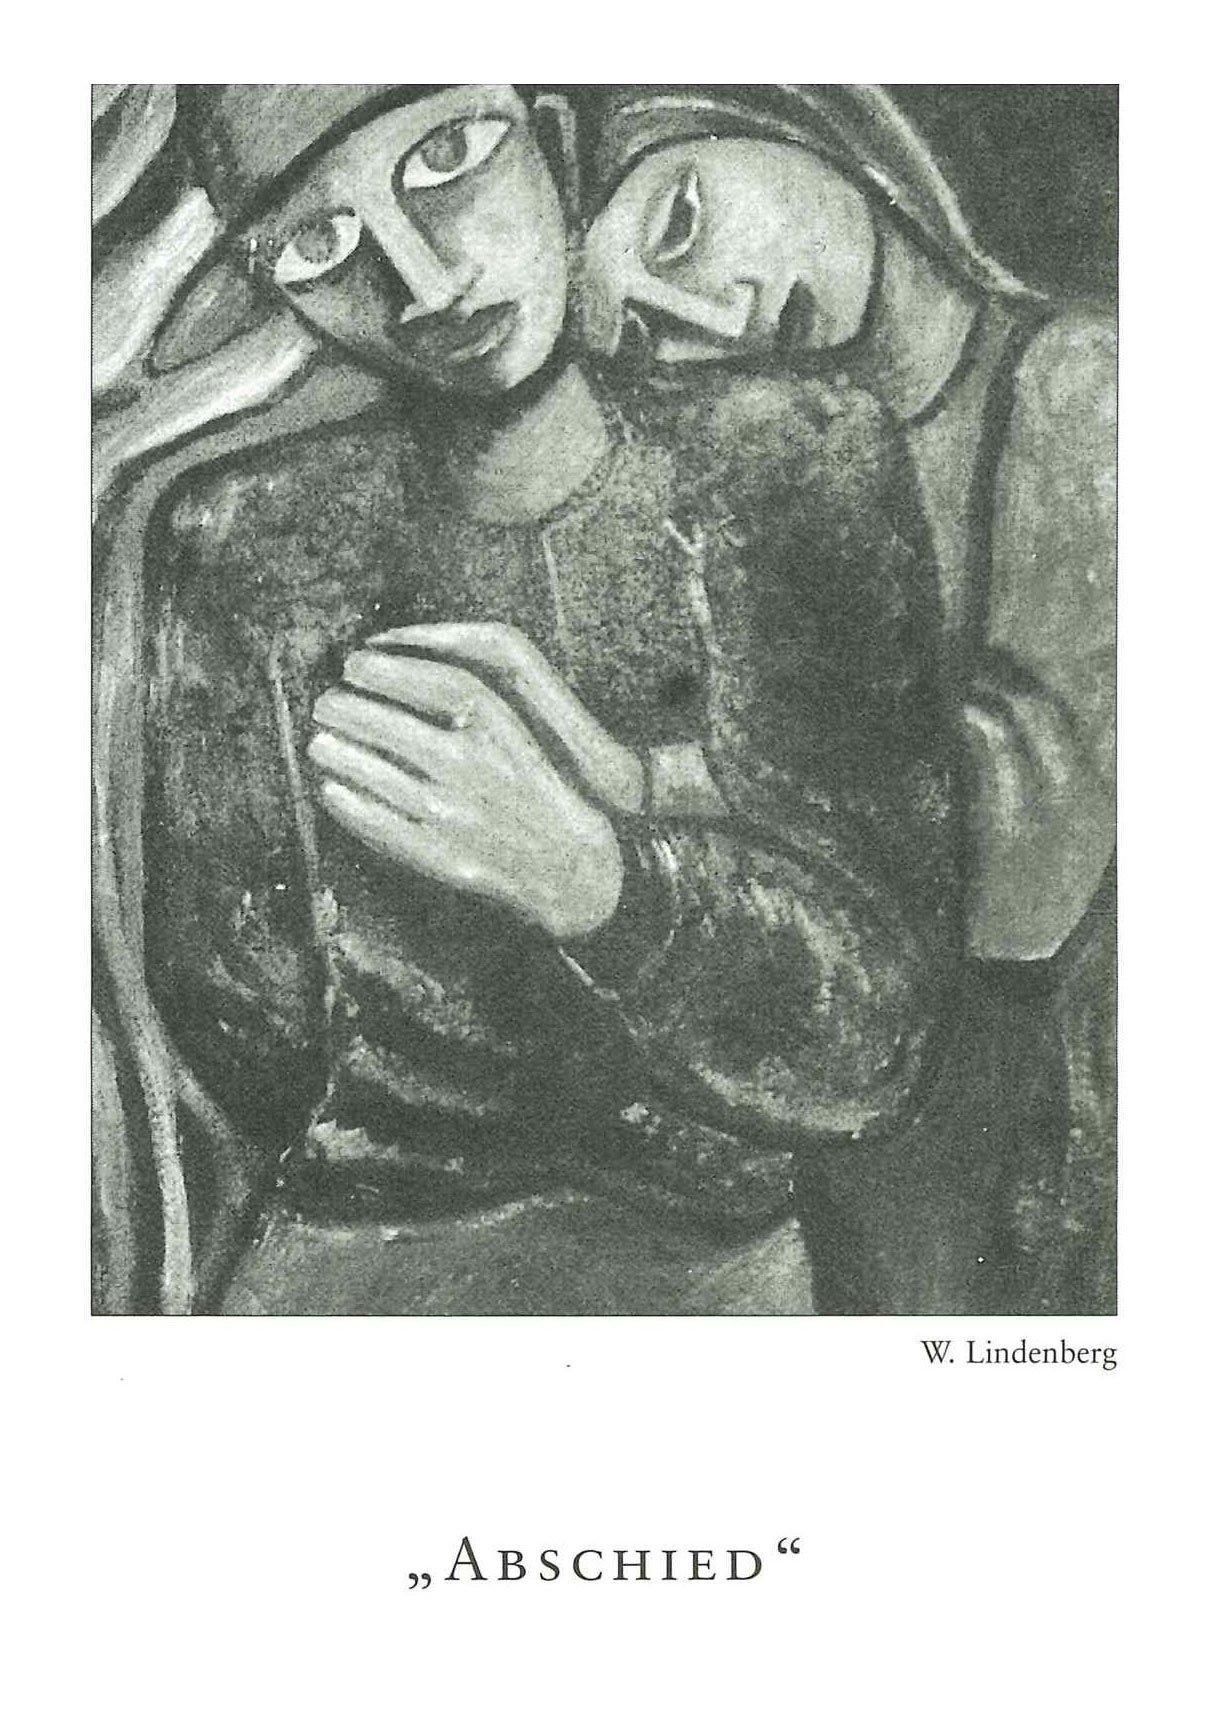 """Malerei in schwarz-weiß - eine Frau umarmt von hinten einen Mann. Darunter geschrieben W. Lindenberg und """"Abschied""""."""